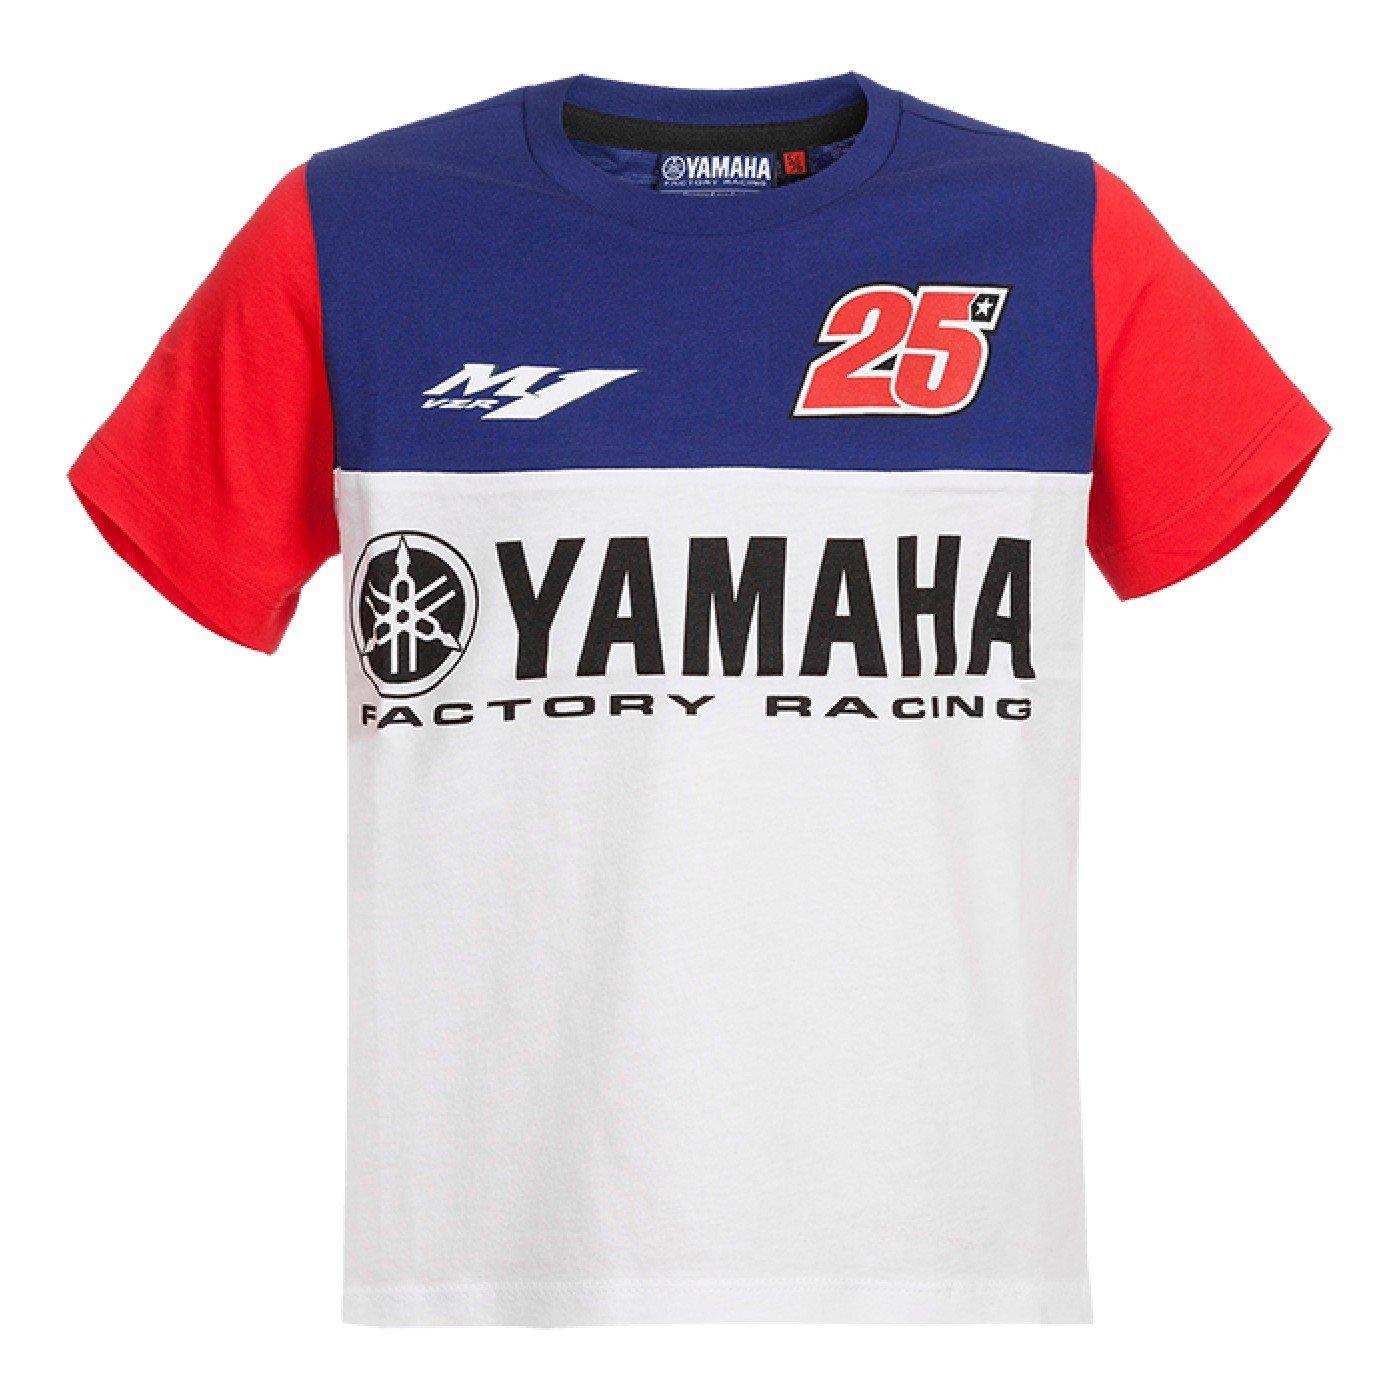 Yamaha Dětské triko Maverick Vinales 3-4 roky